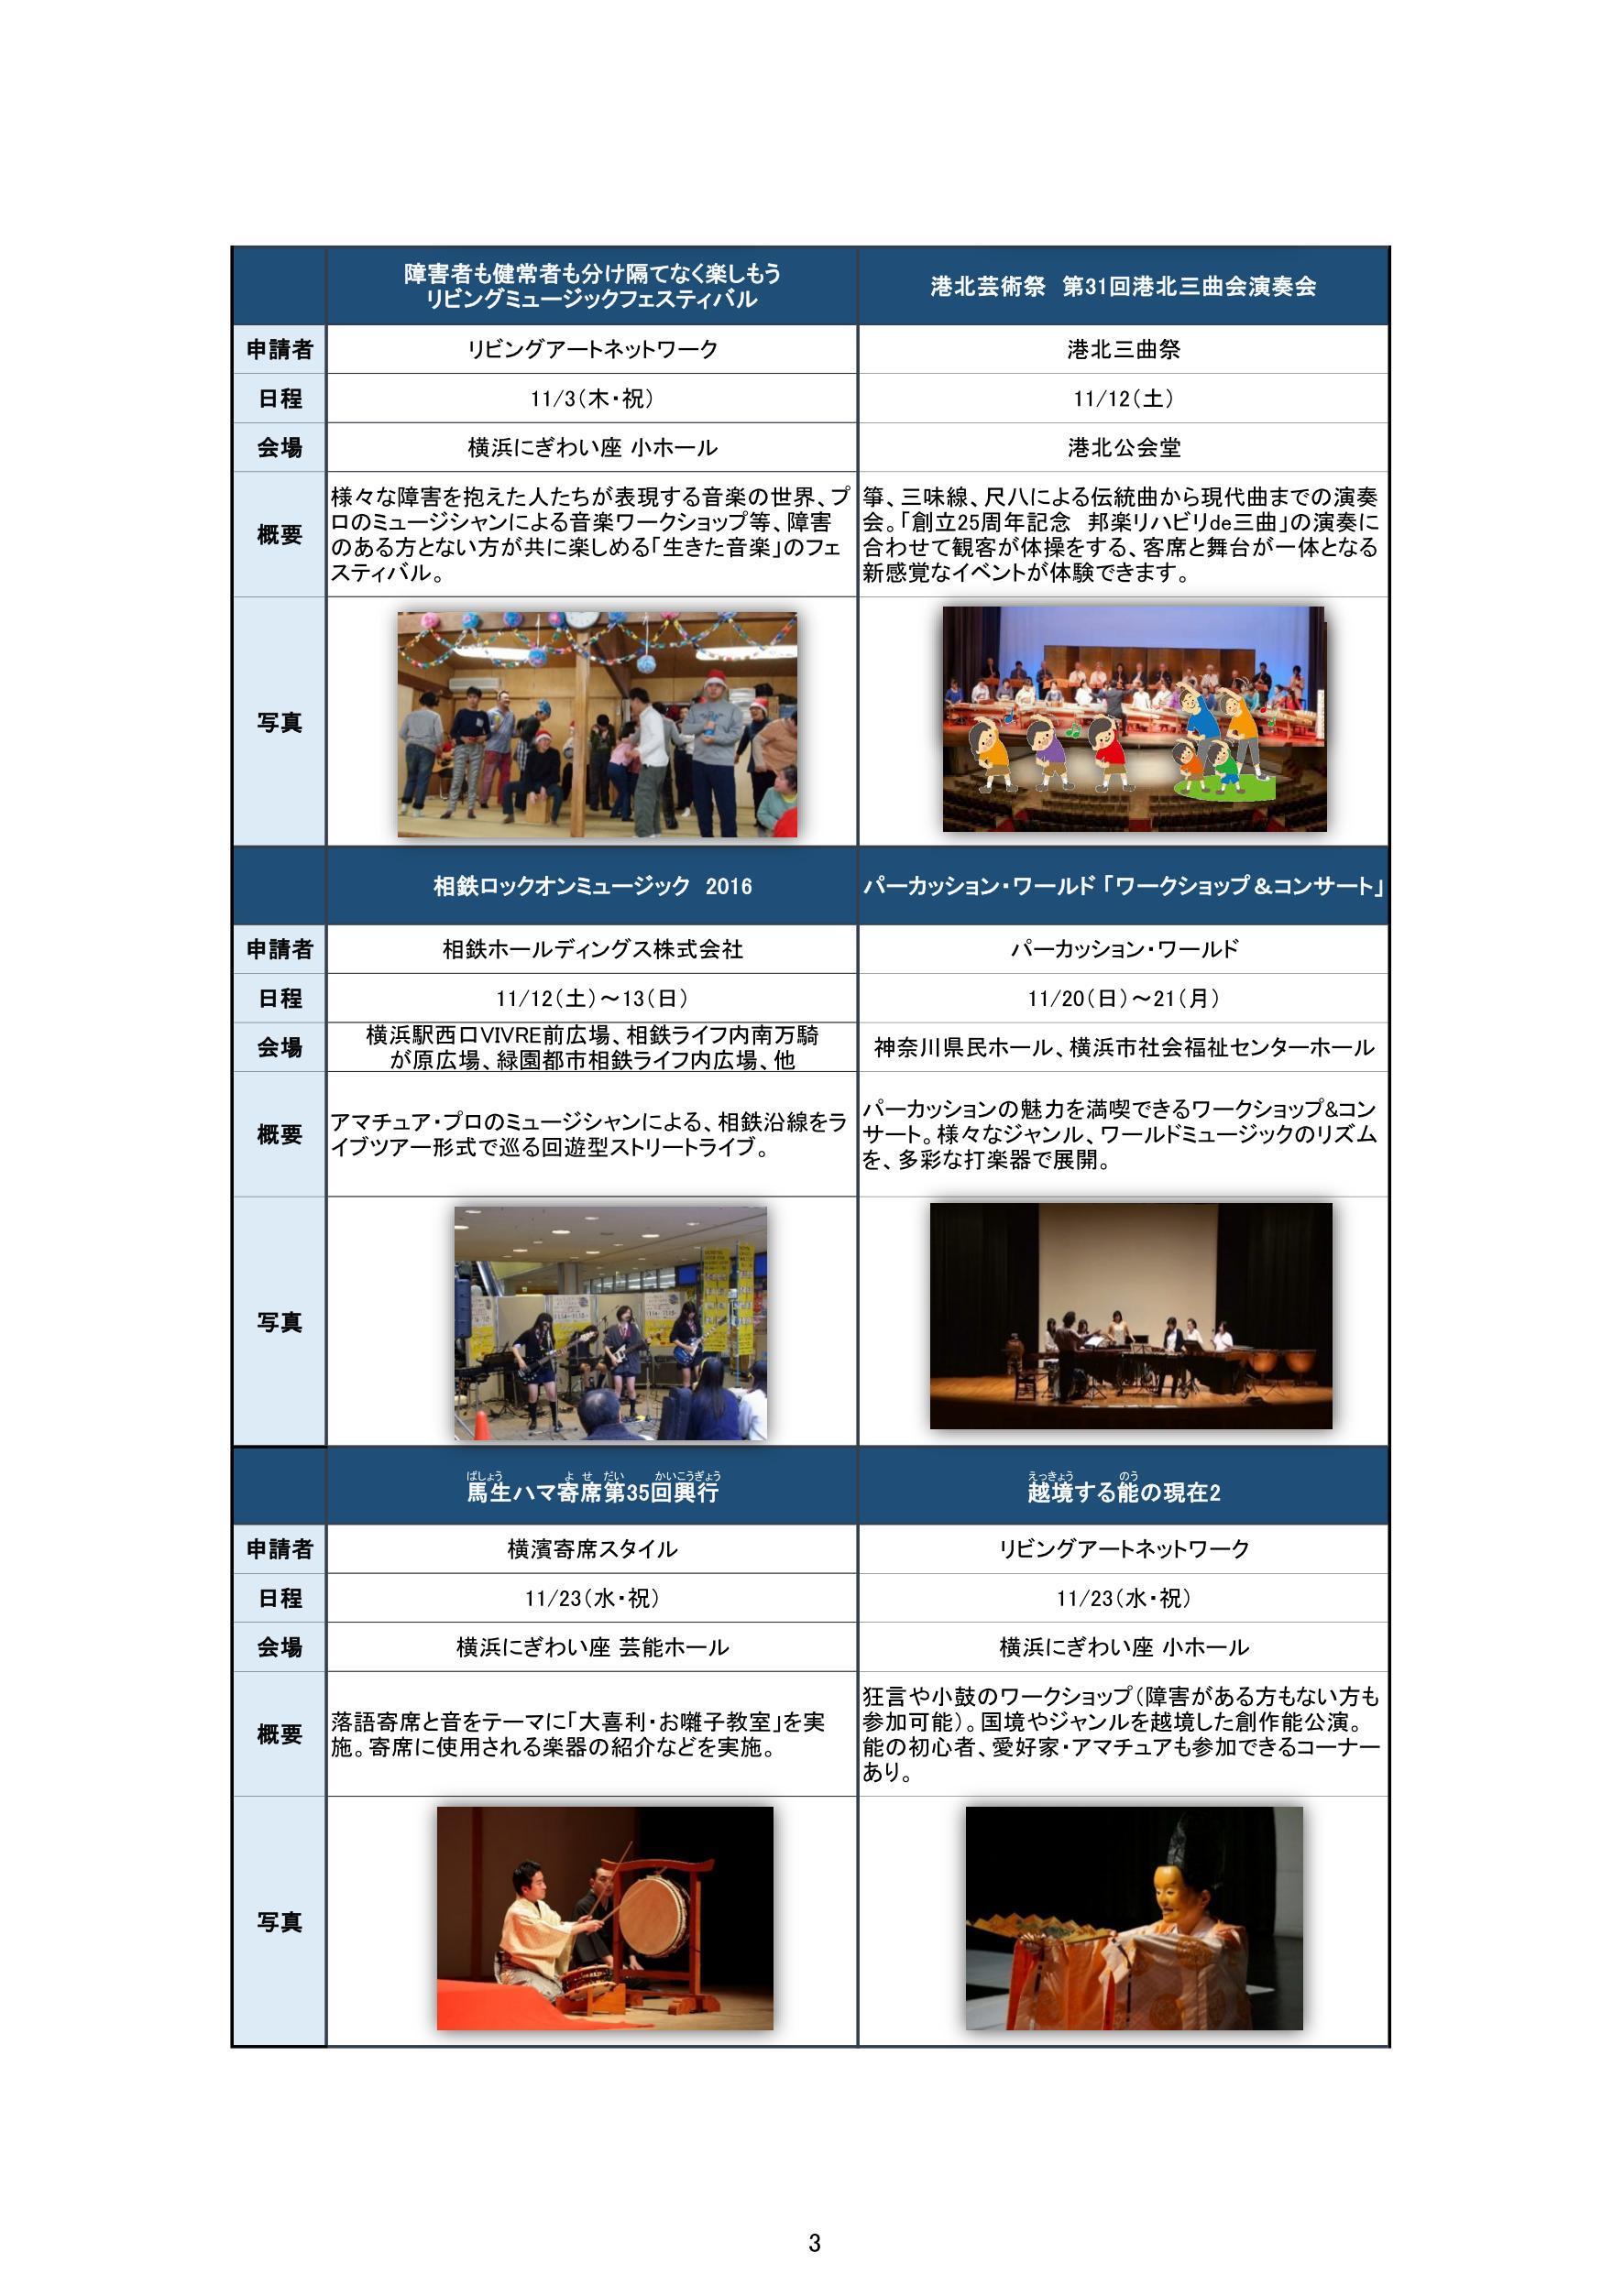 http://yokooto.jp/wp-content/uploads/2016/07/koubo3.jpg